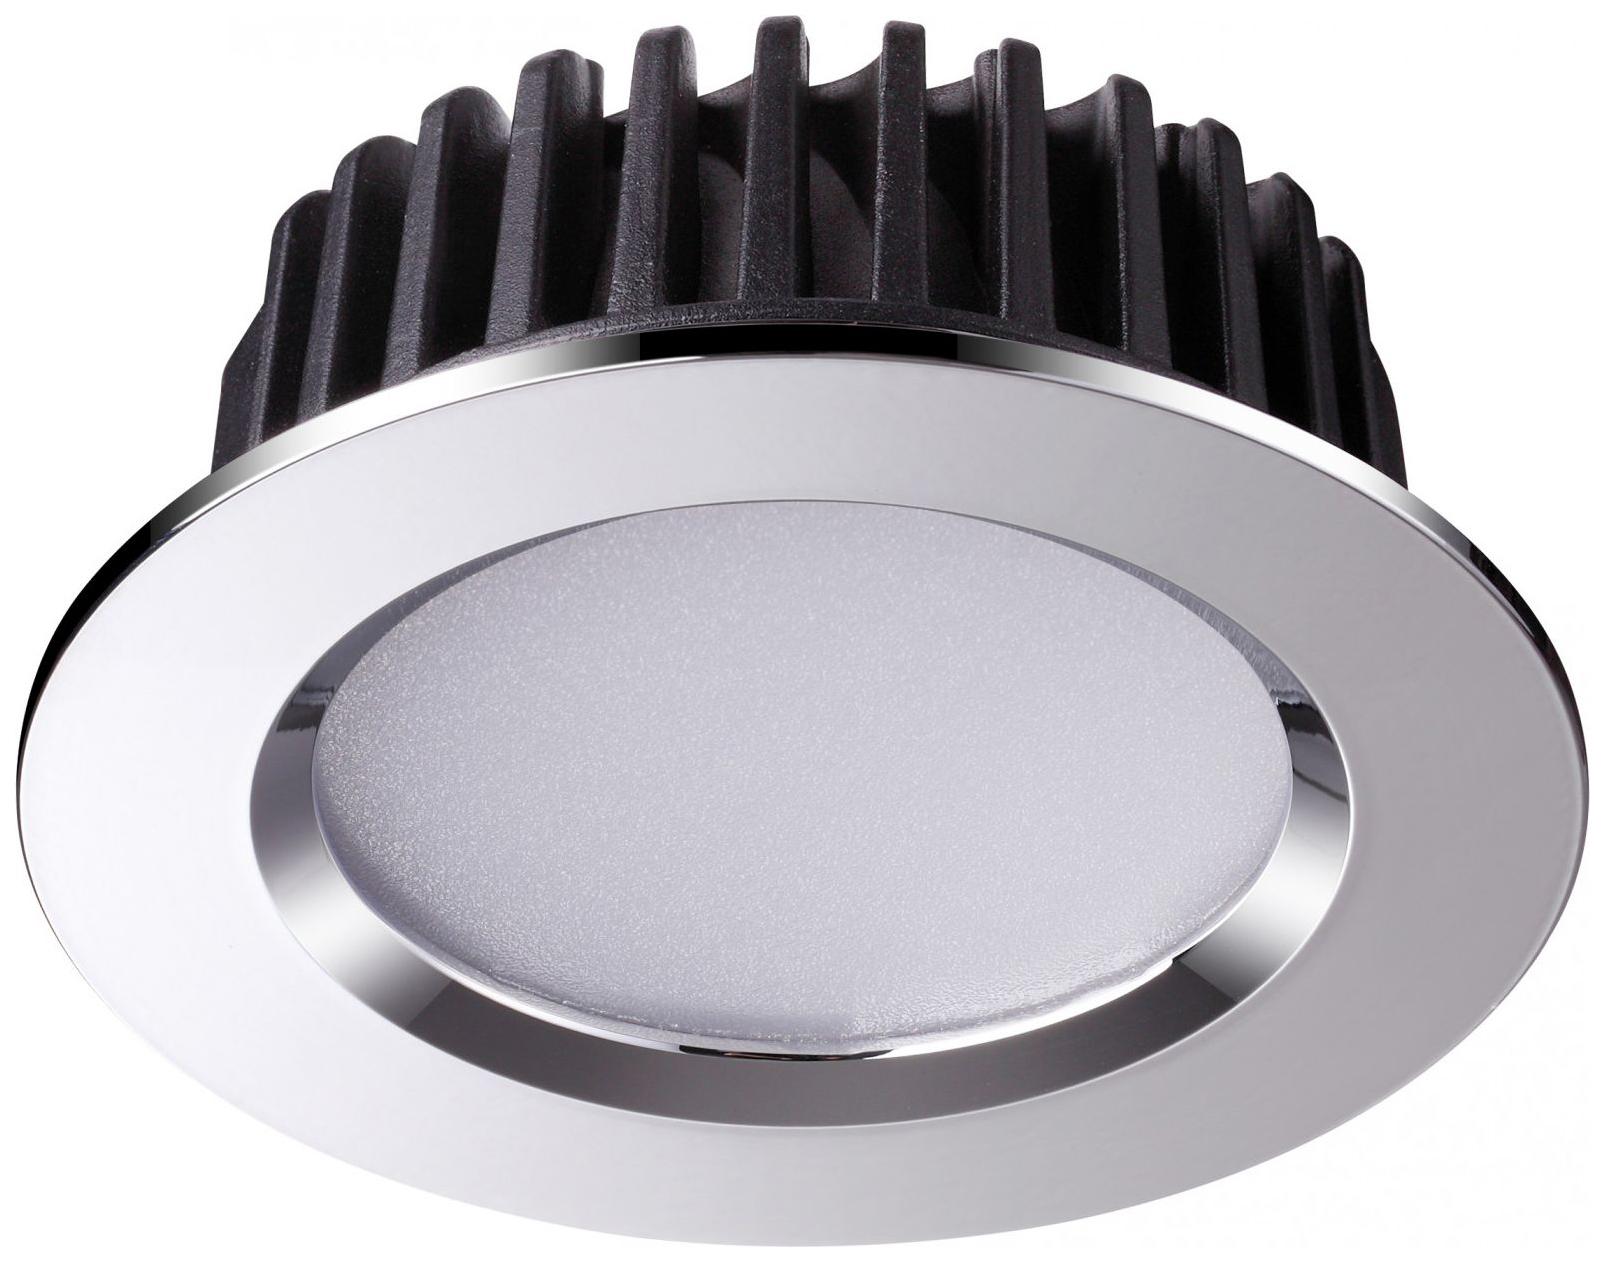 Встраиваемый светодиодный светильник Novotech Drum NT18 000 357601 Хром